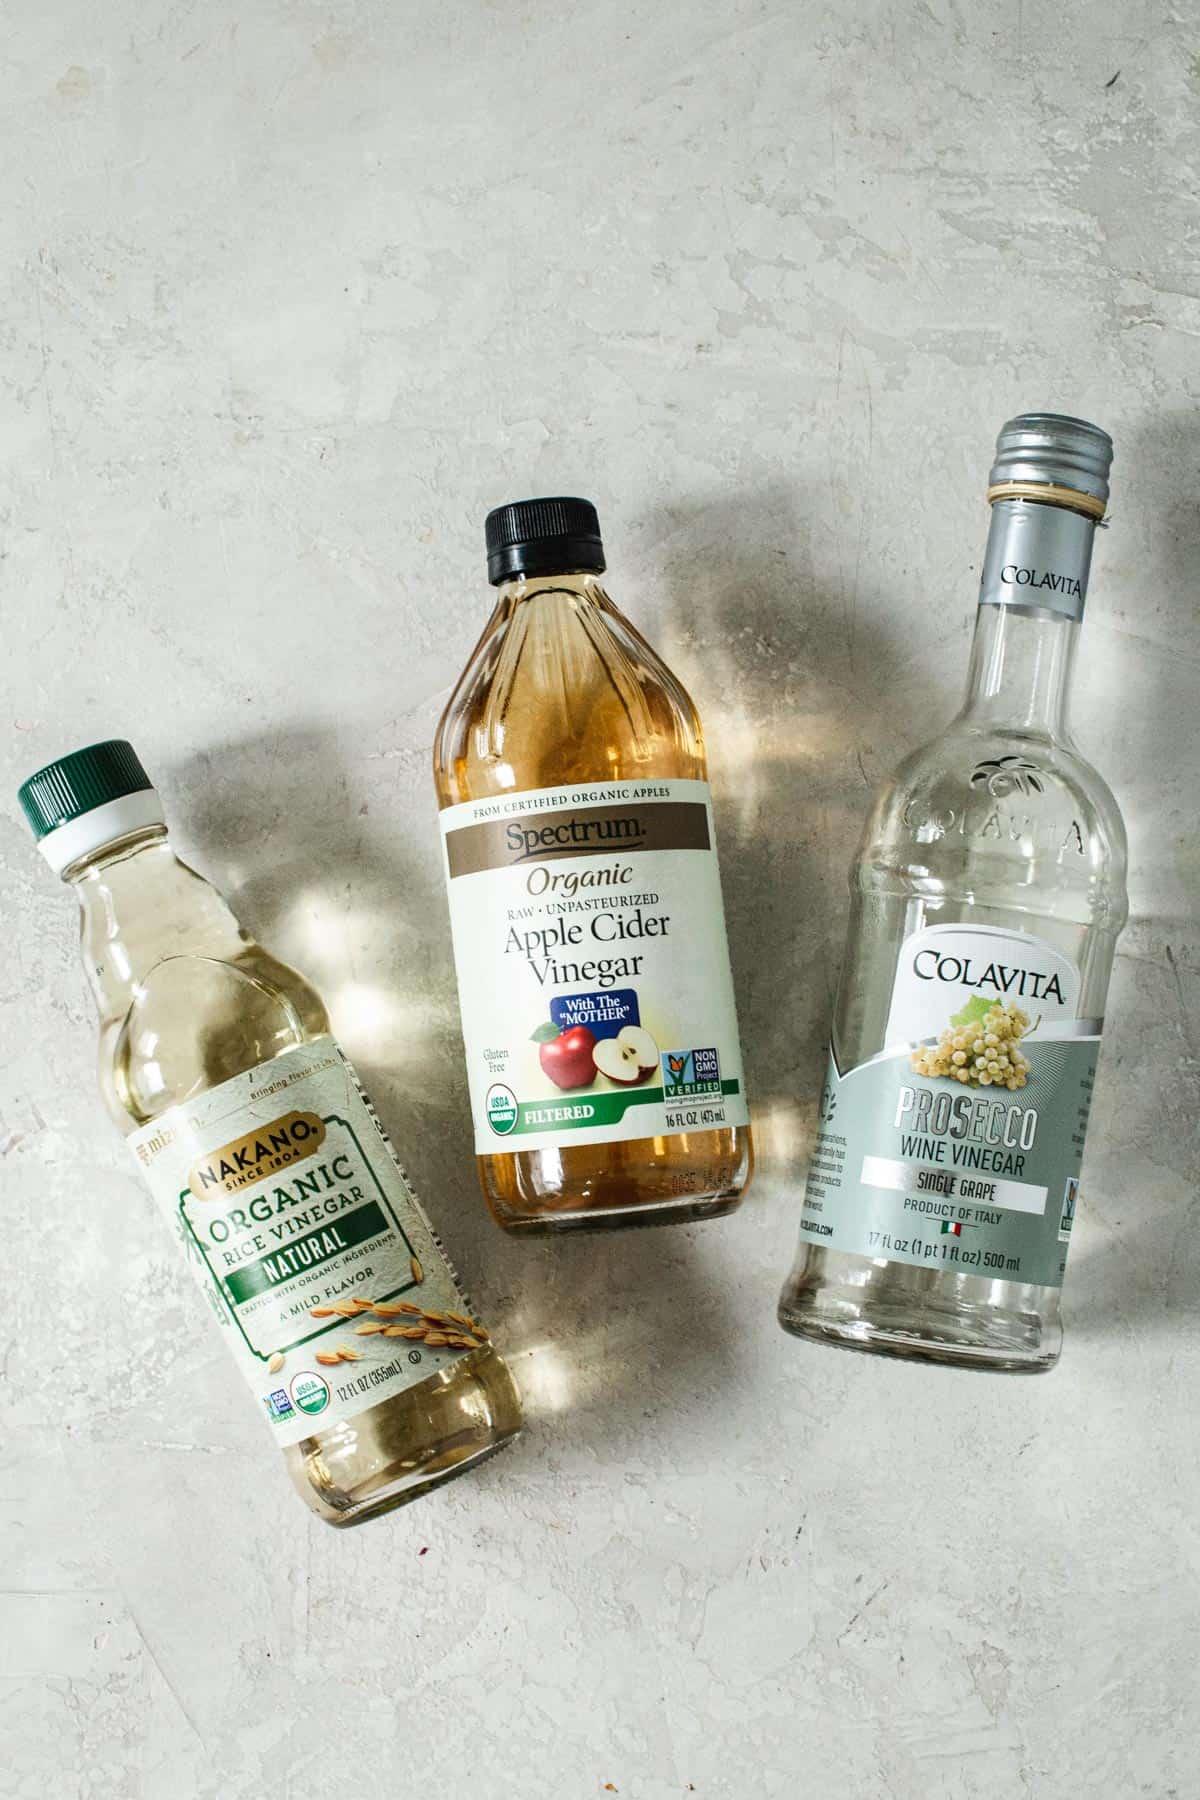 Bottles of different kinds of vinegar.